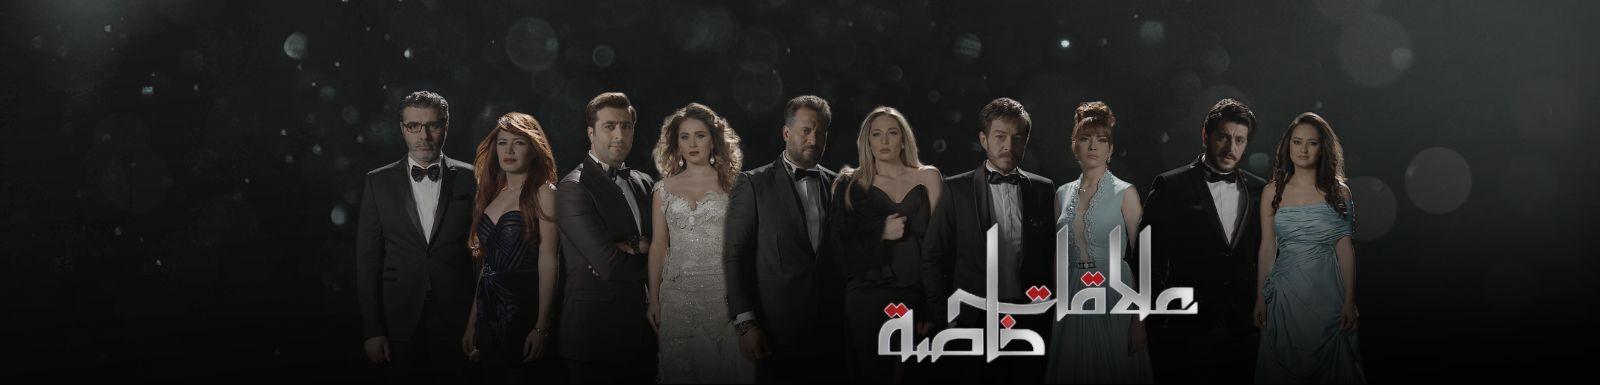 قصة وأحداث مسلسل علاقات خاصة 2016 على قناة mbc4